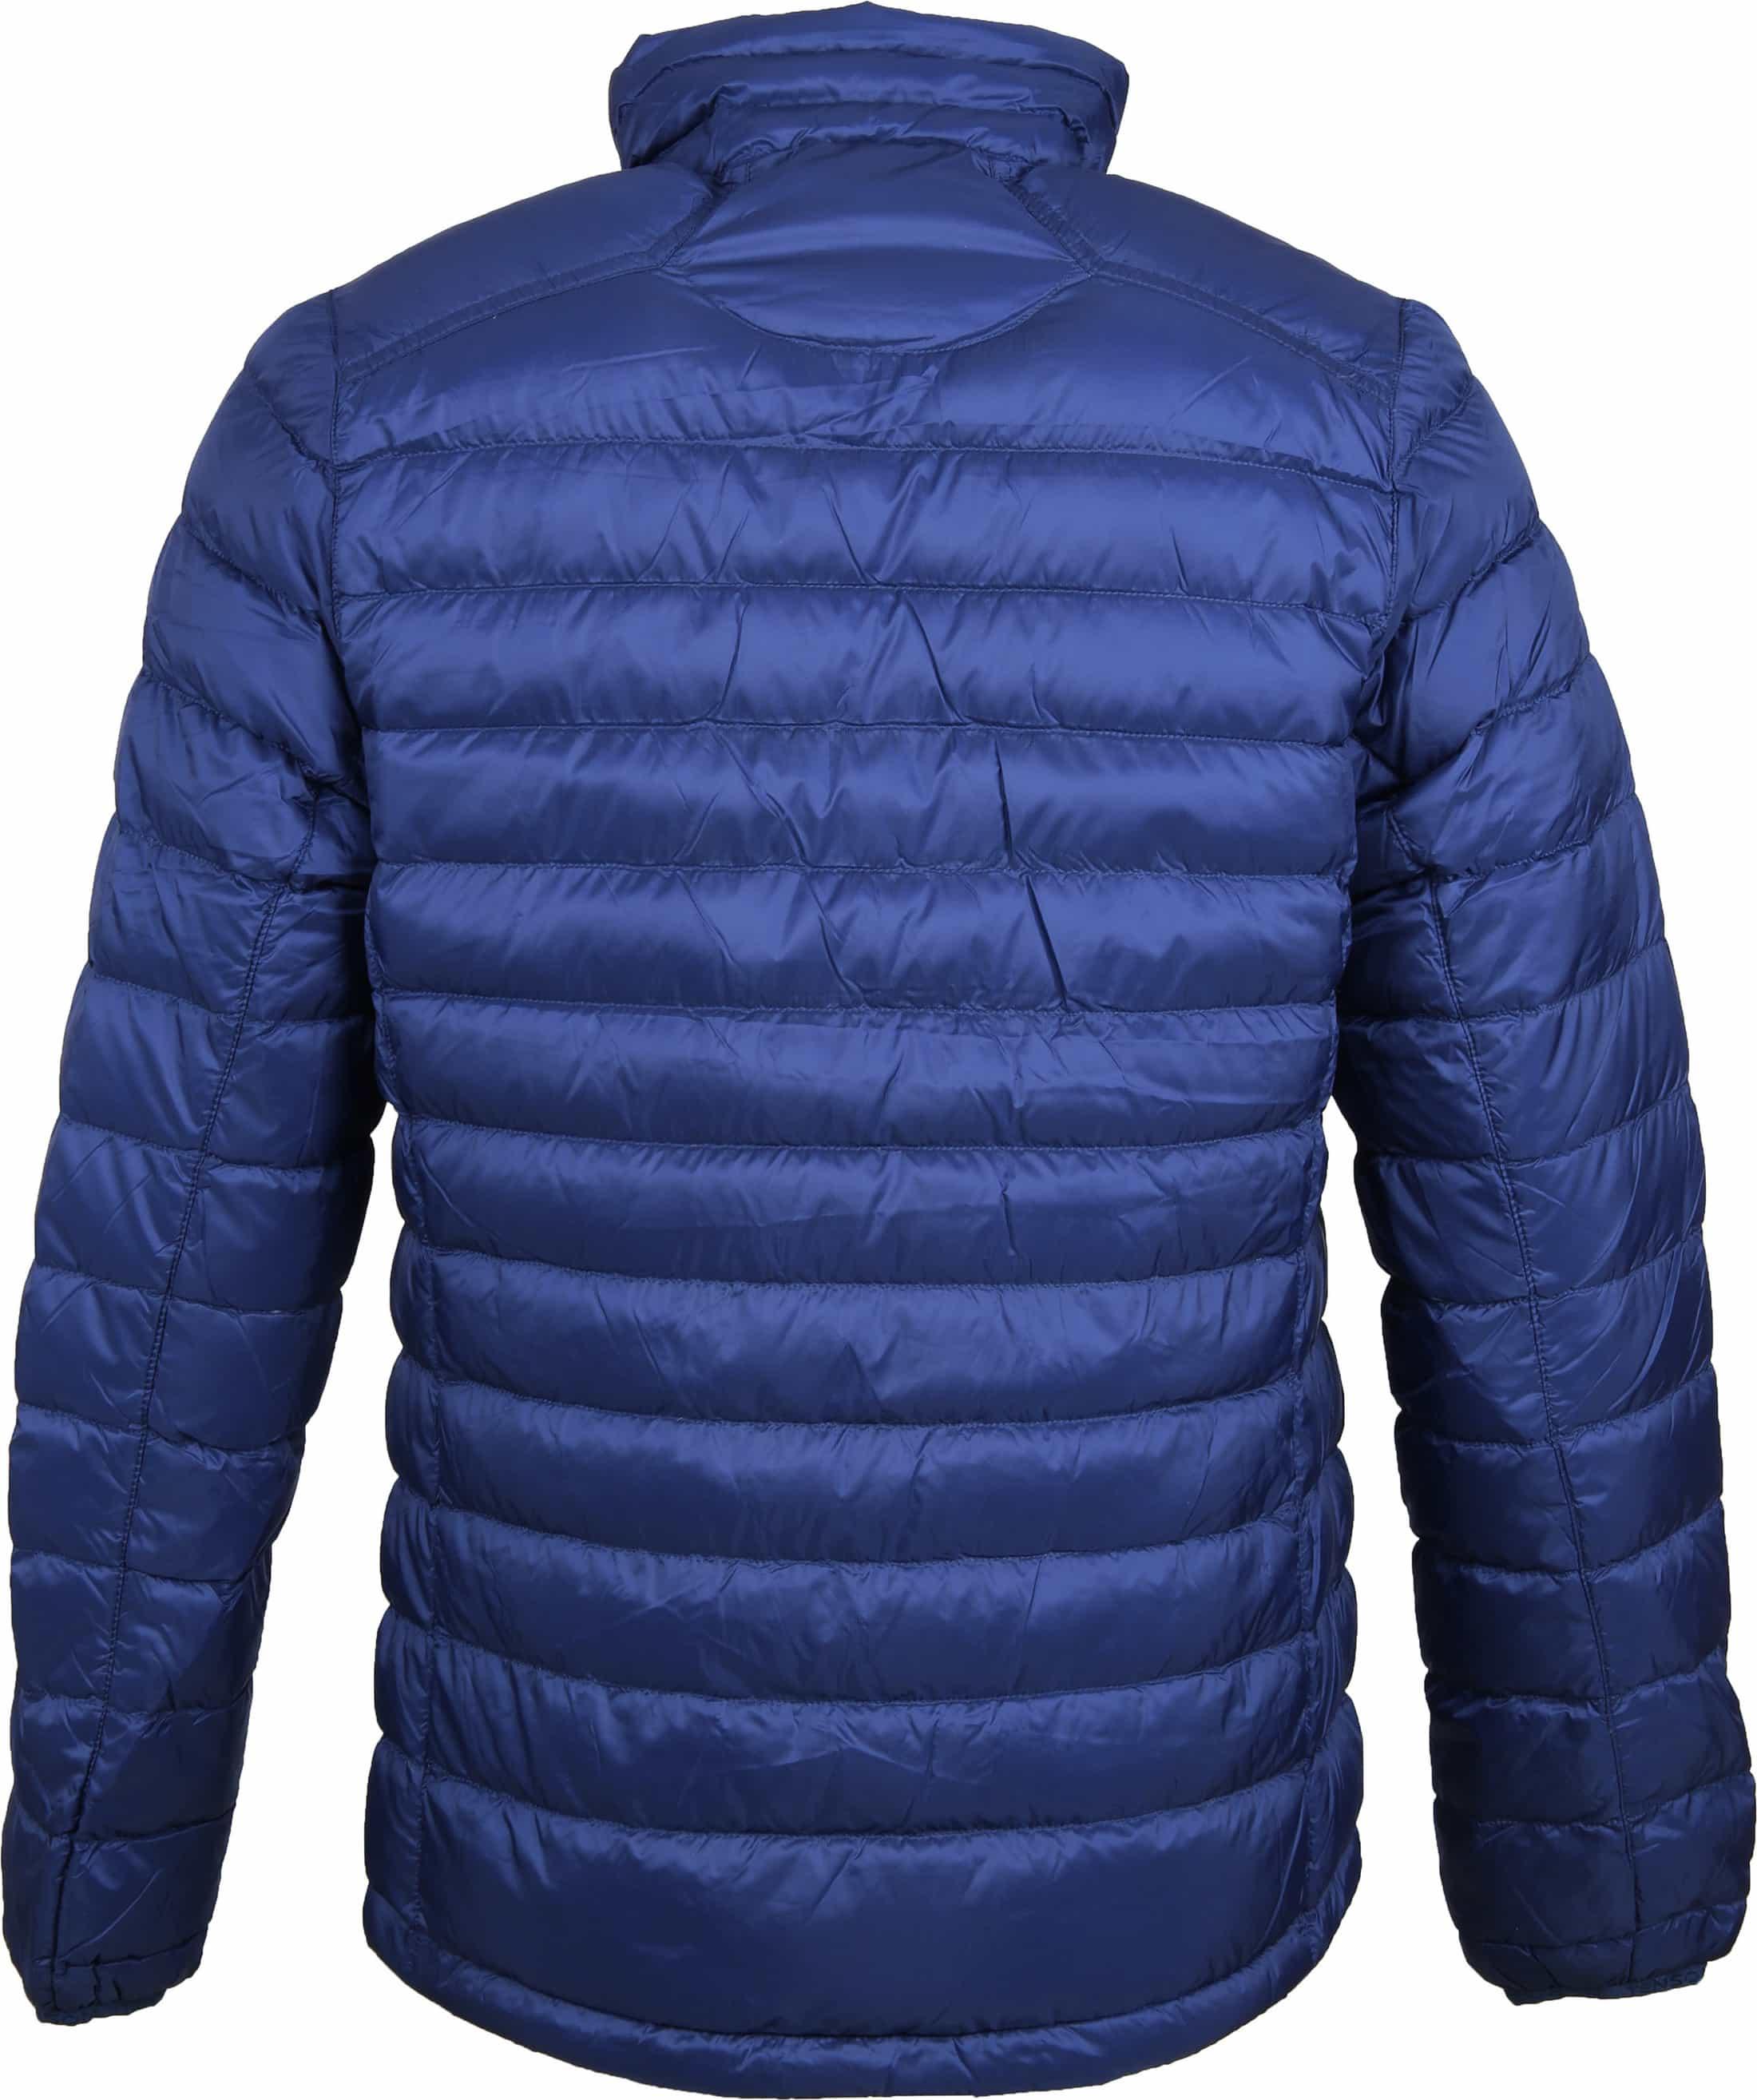 Tenson Manolo Jacket Blue foto 4